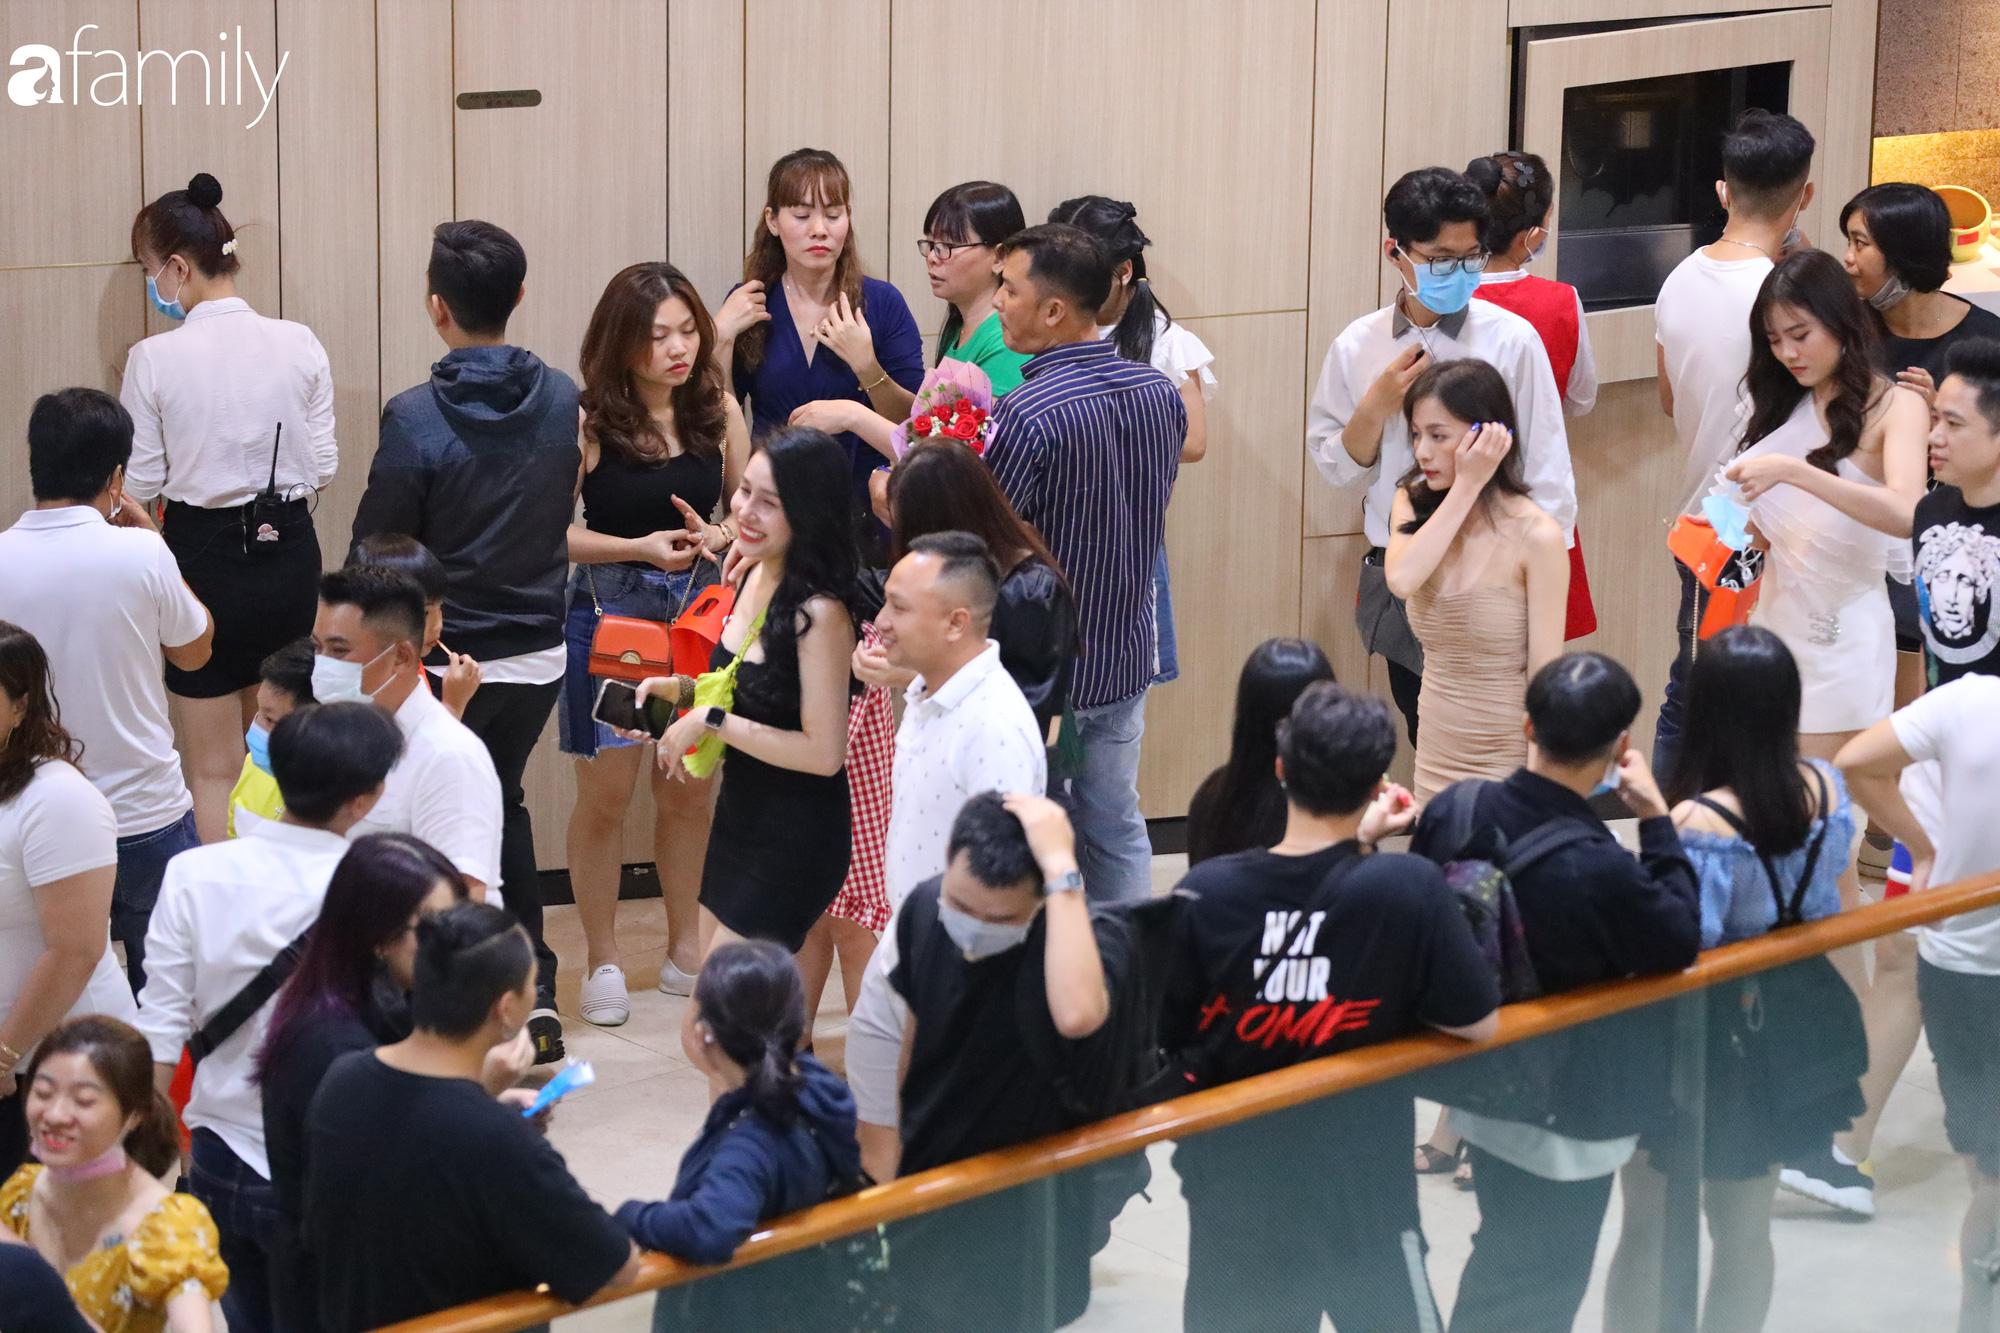 Valentine Hà Nội - Sài Gòn vắng vẻ đìu hiu vì dịch Corona, từ trung tâm thương mại đến phố phường đều ít bóng tình nhân đi chơi - Ảnh 22.